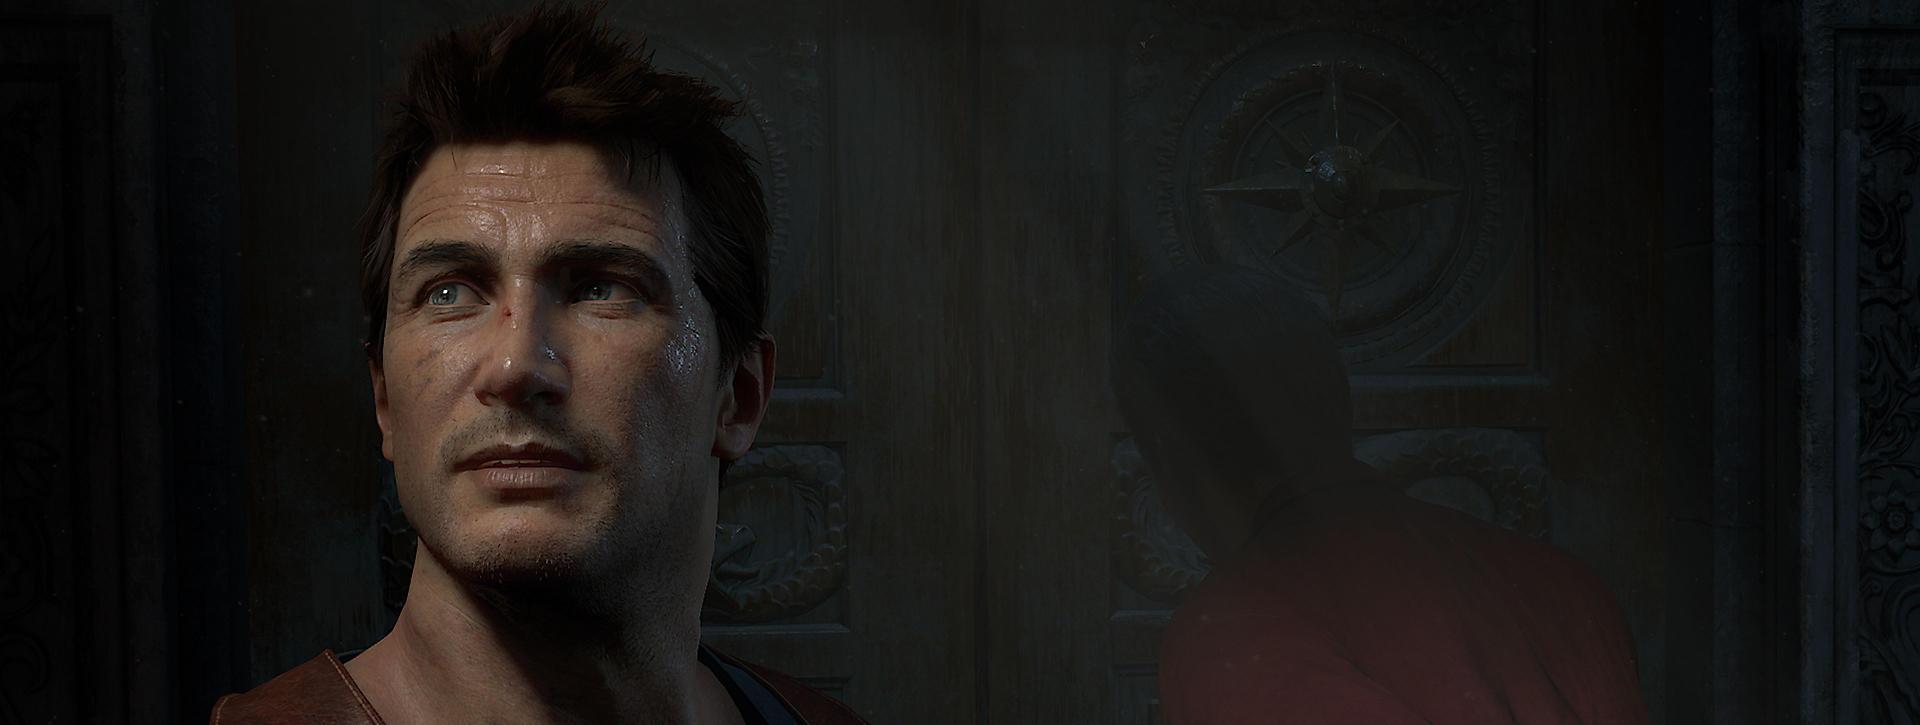 La PS4 Pro, tout comme la Xbox One S, offre un mode HDR